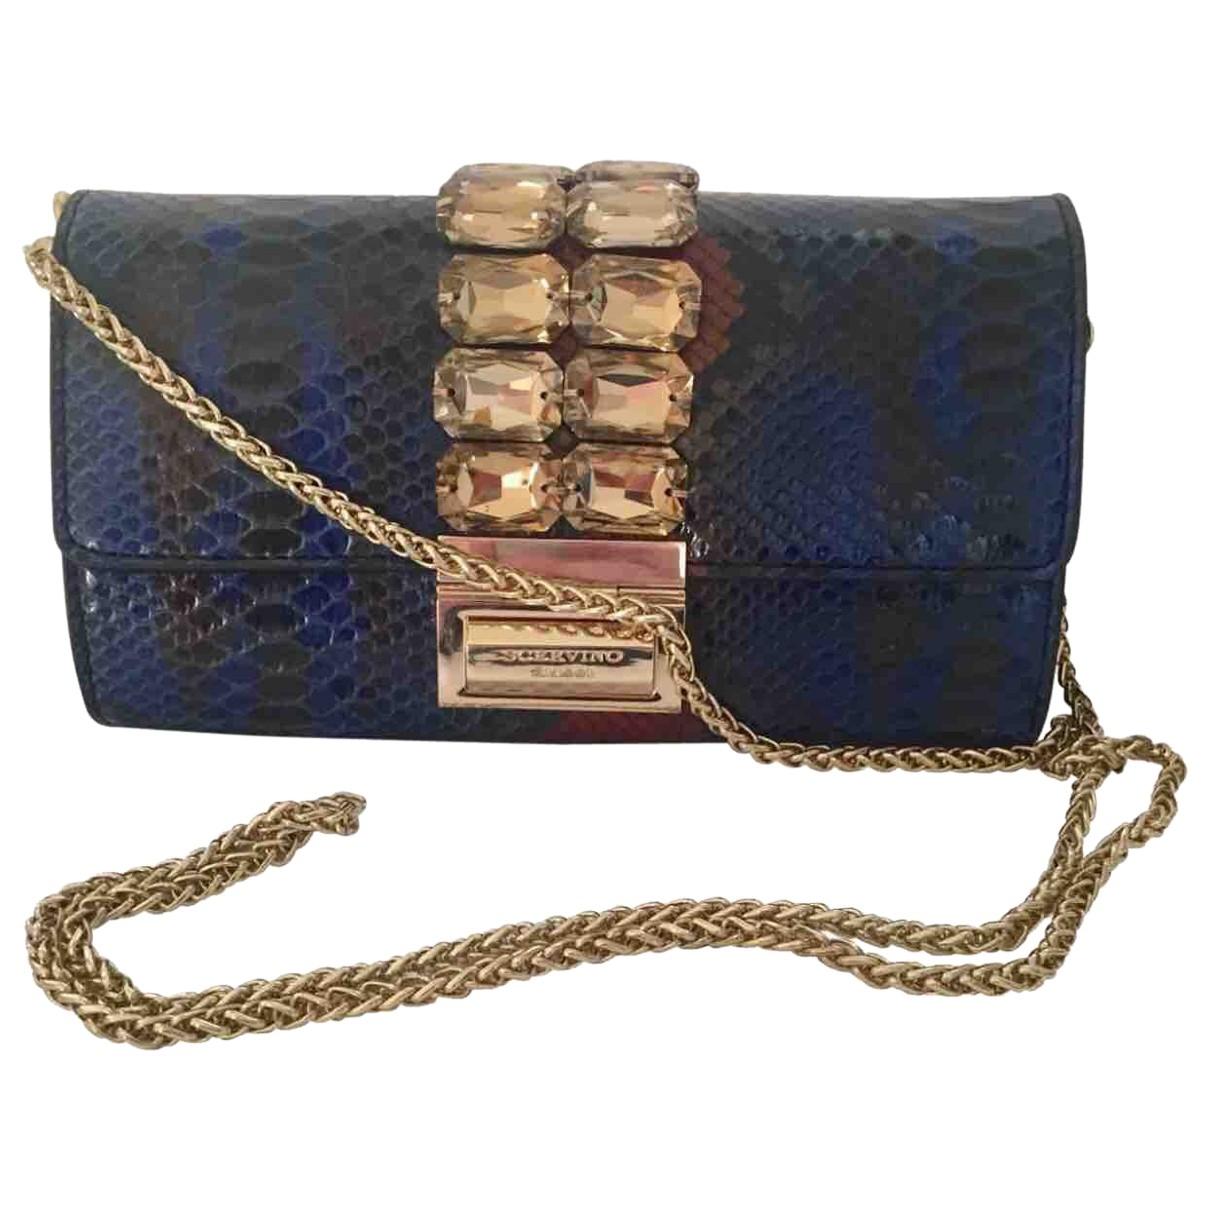 Ermanno Scervino \N Clutch bag for Women \N